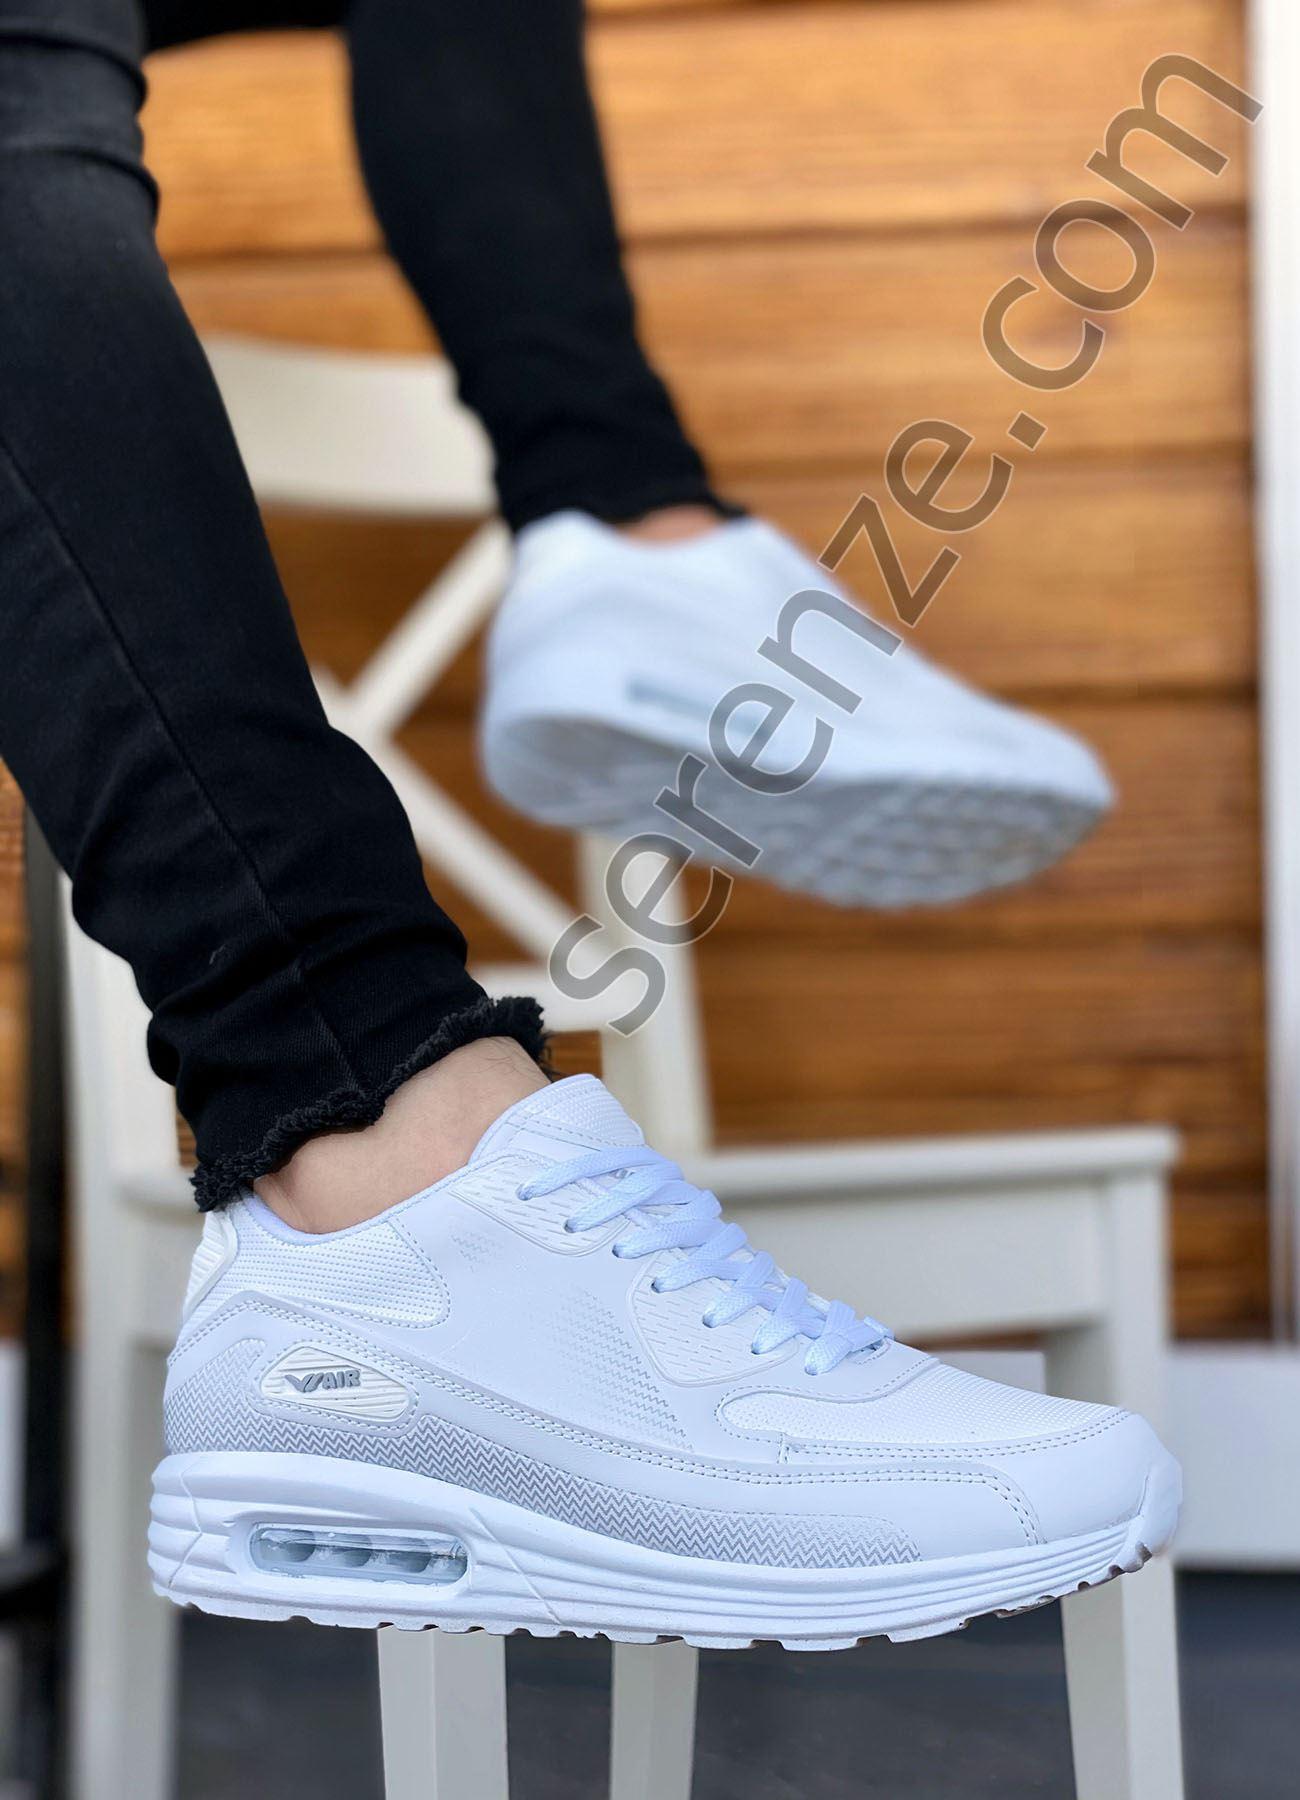 AirMax Beyaz Erkek Spor Ayakkabı